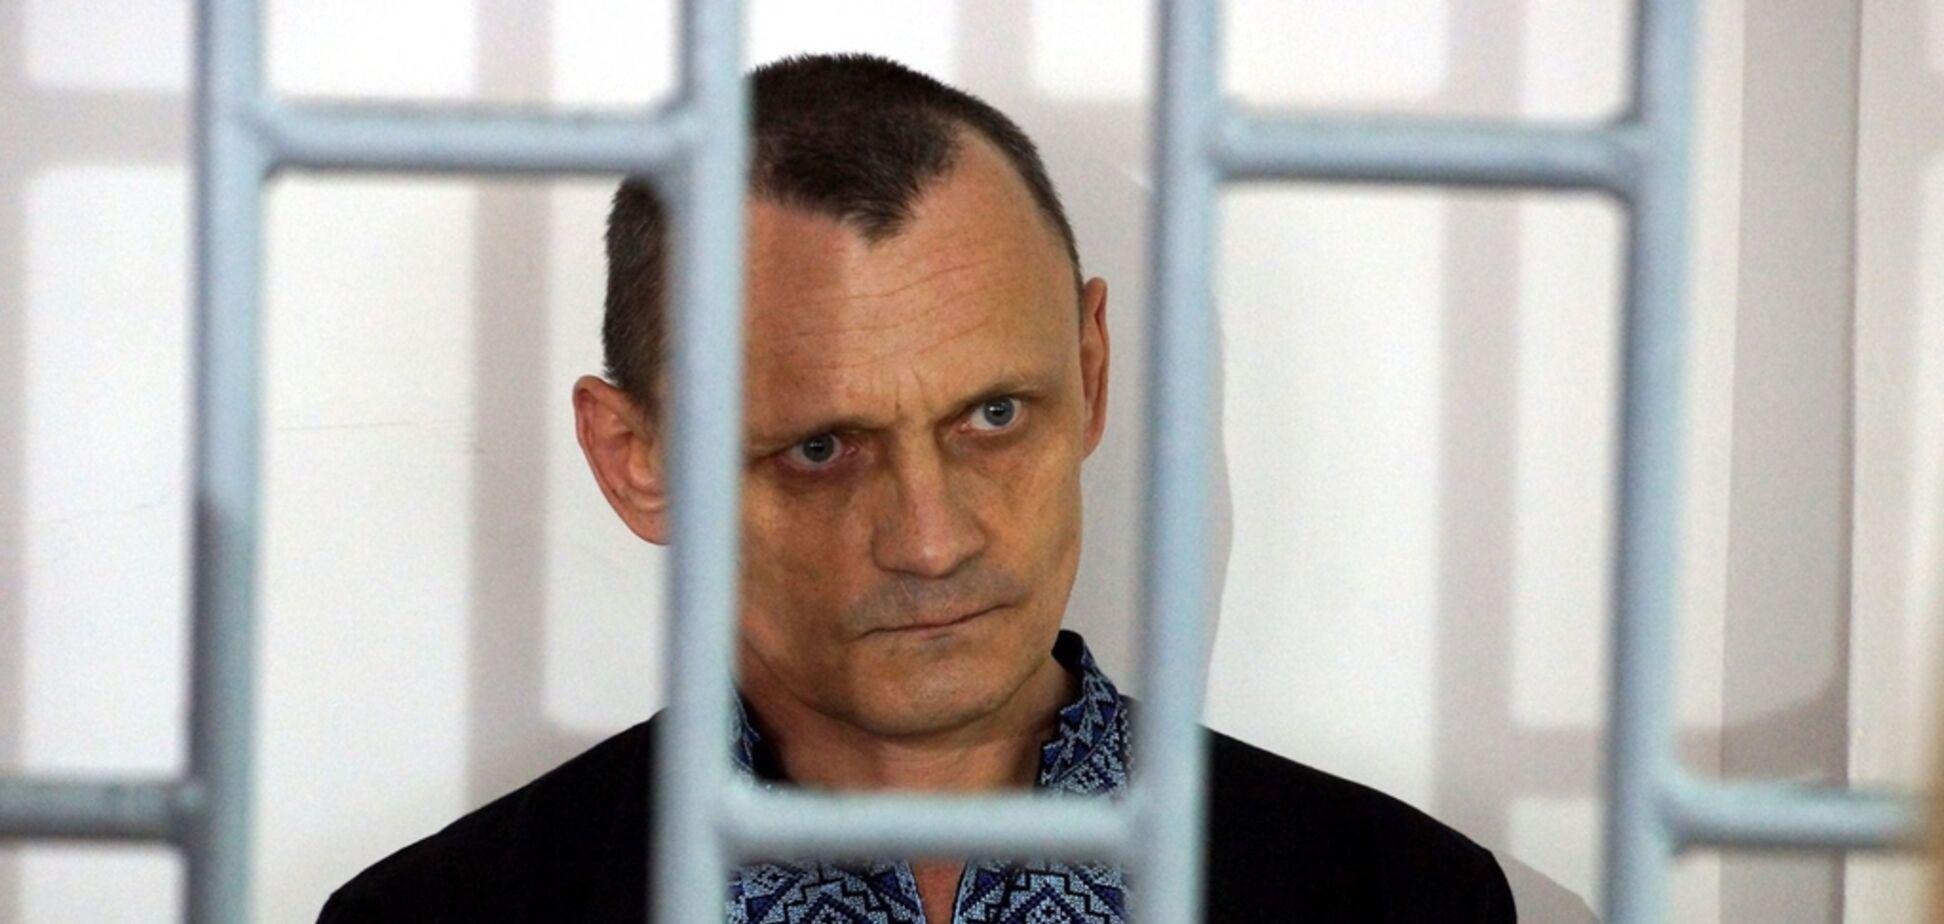 Николай Карпюк рассказал о пытках в тюрьмах России